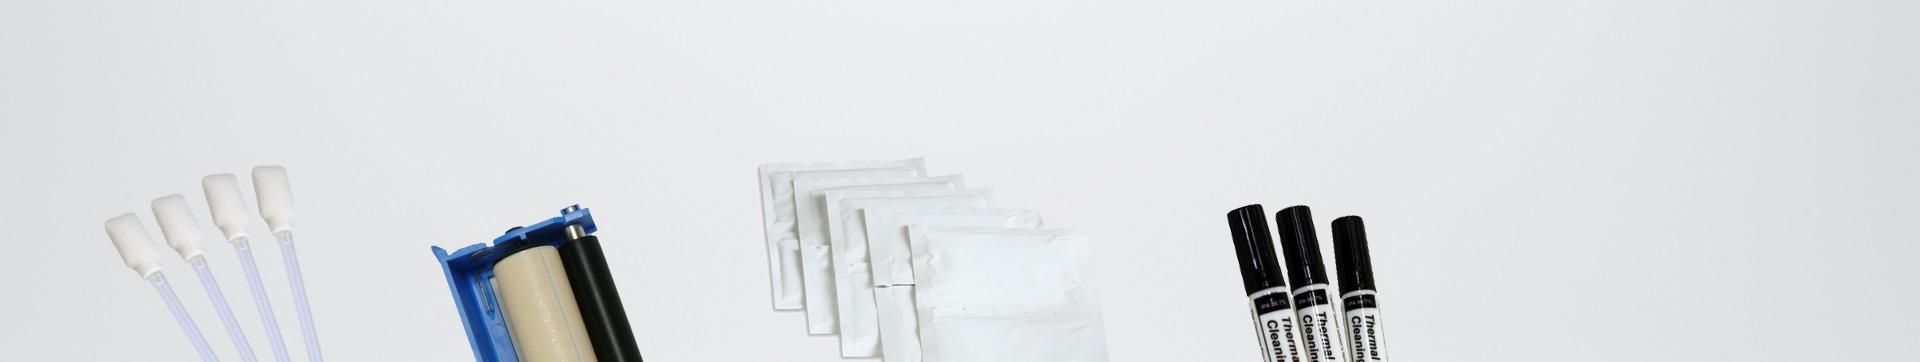 Reinigungszubehör Kartendrucker